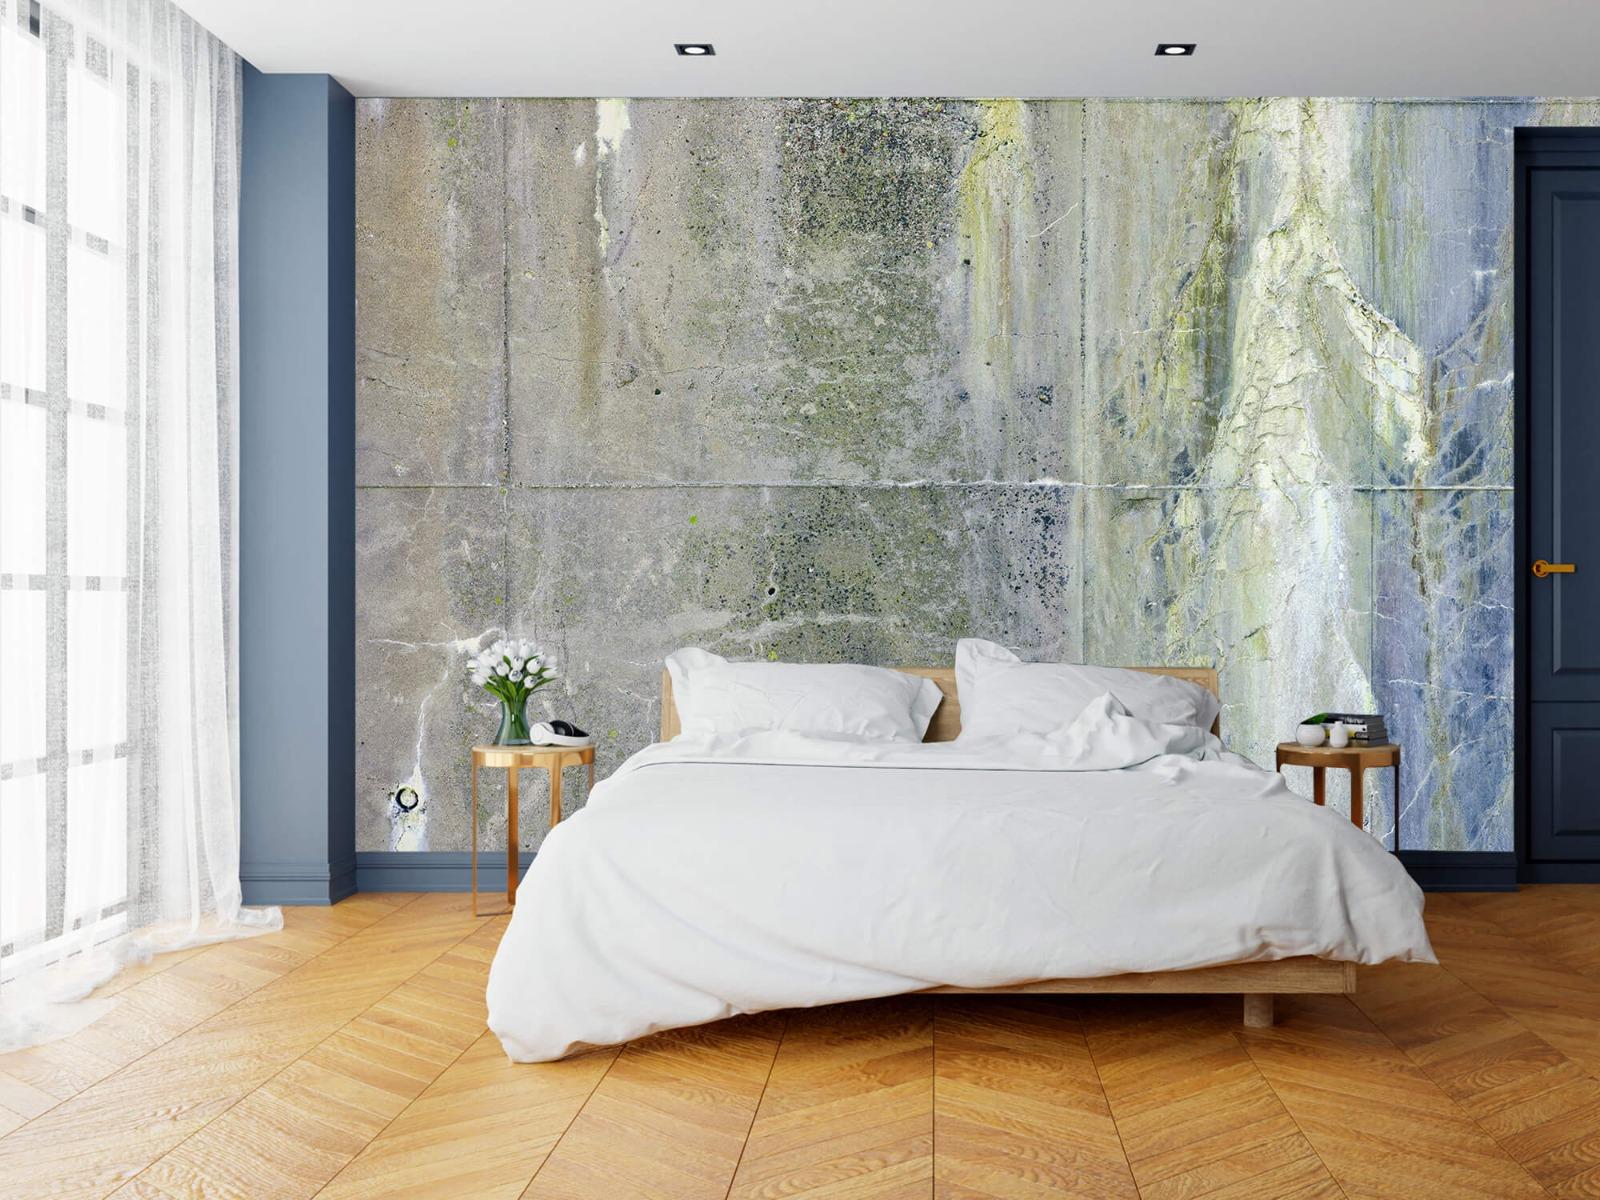 Betonlook behang - Verweerd beton - Wallexclusive - Tienerkamer 2